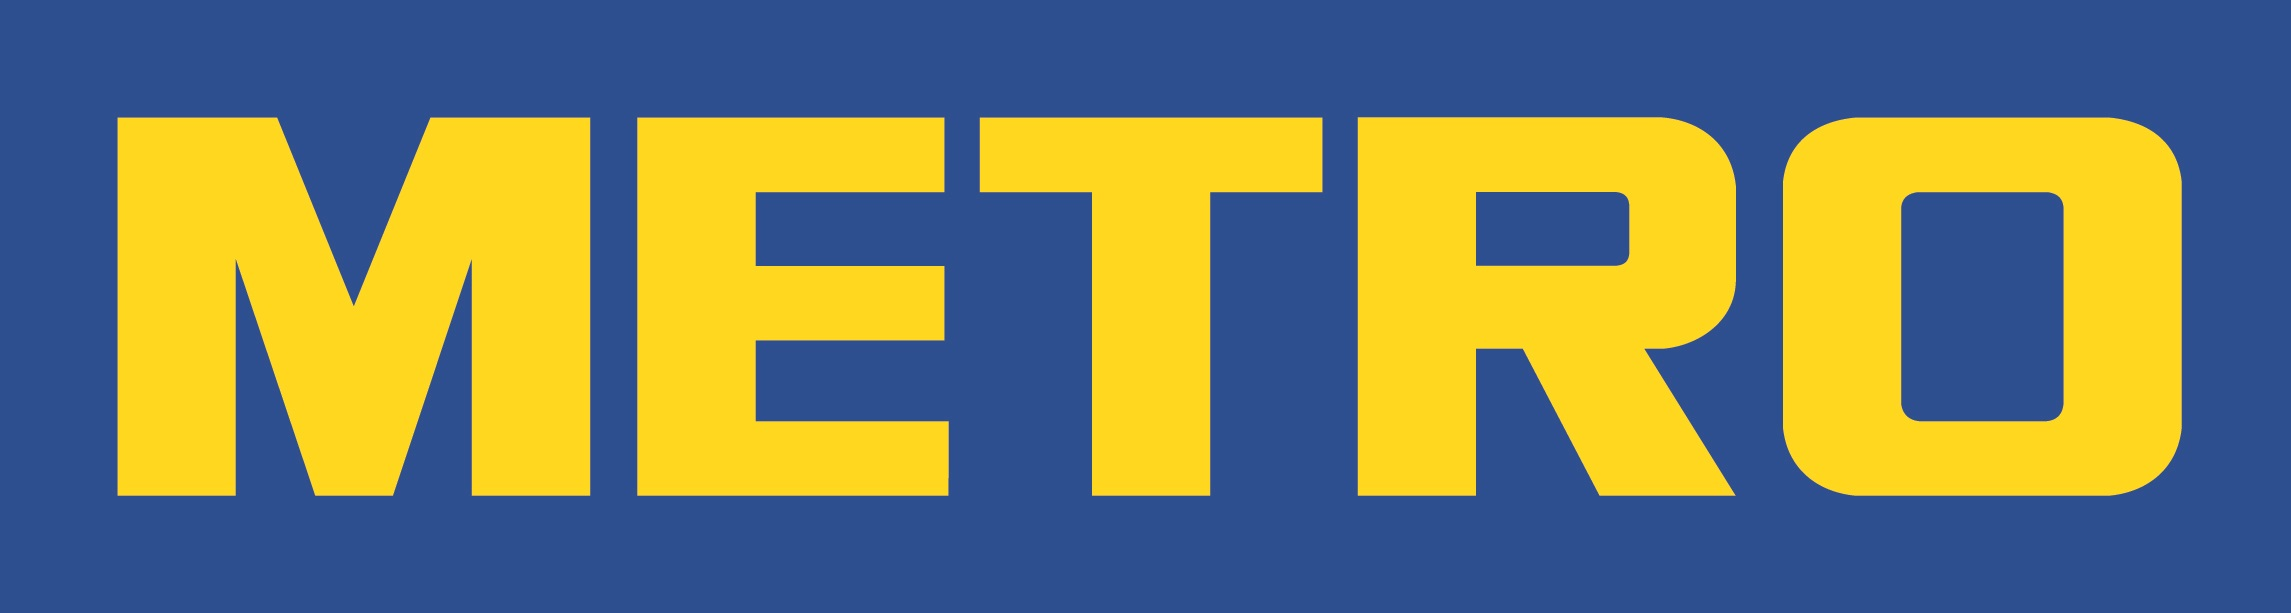 Metro_Firmenlogo